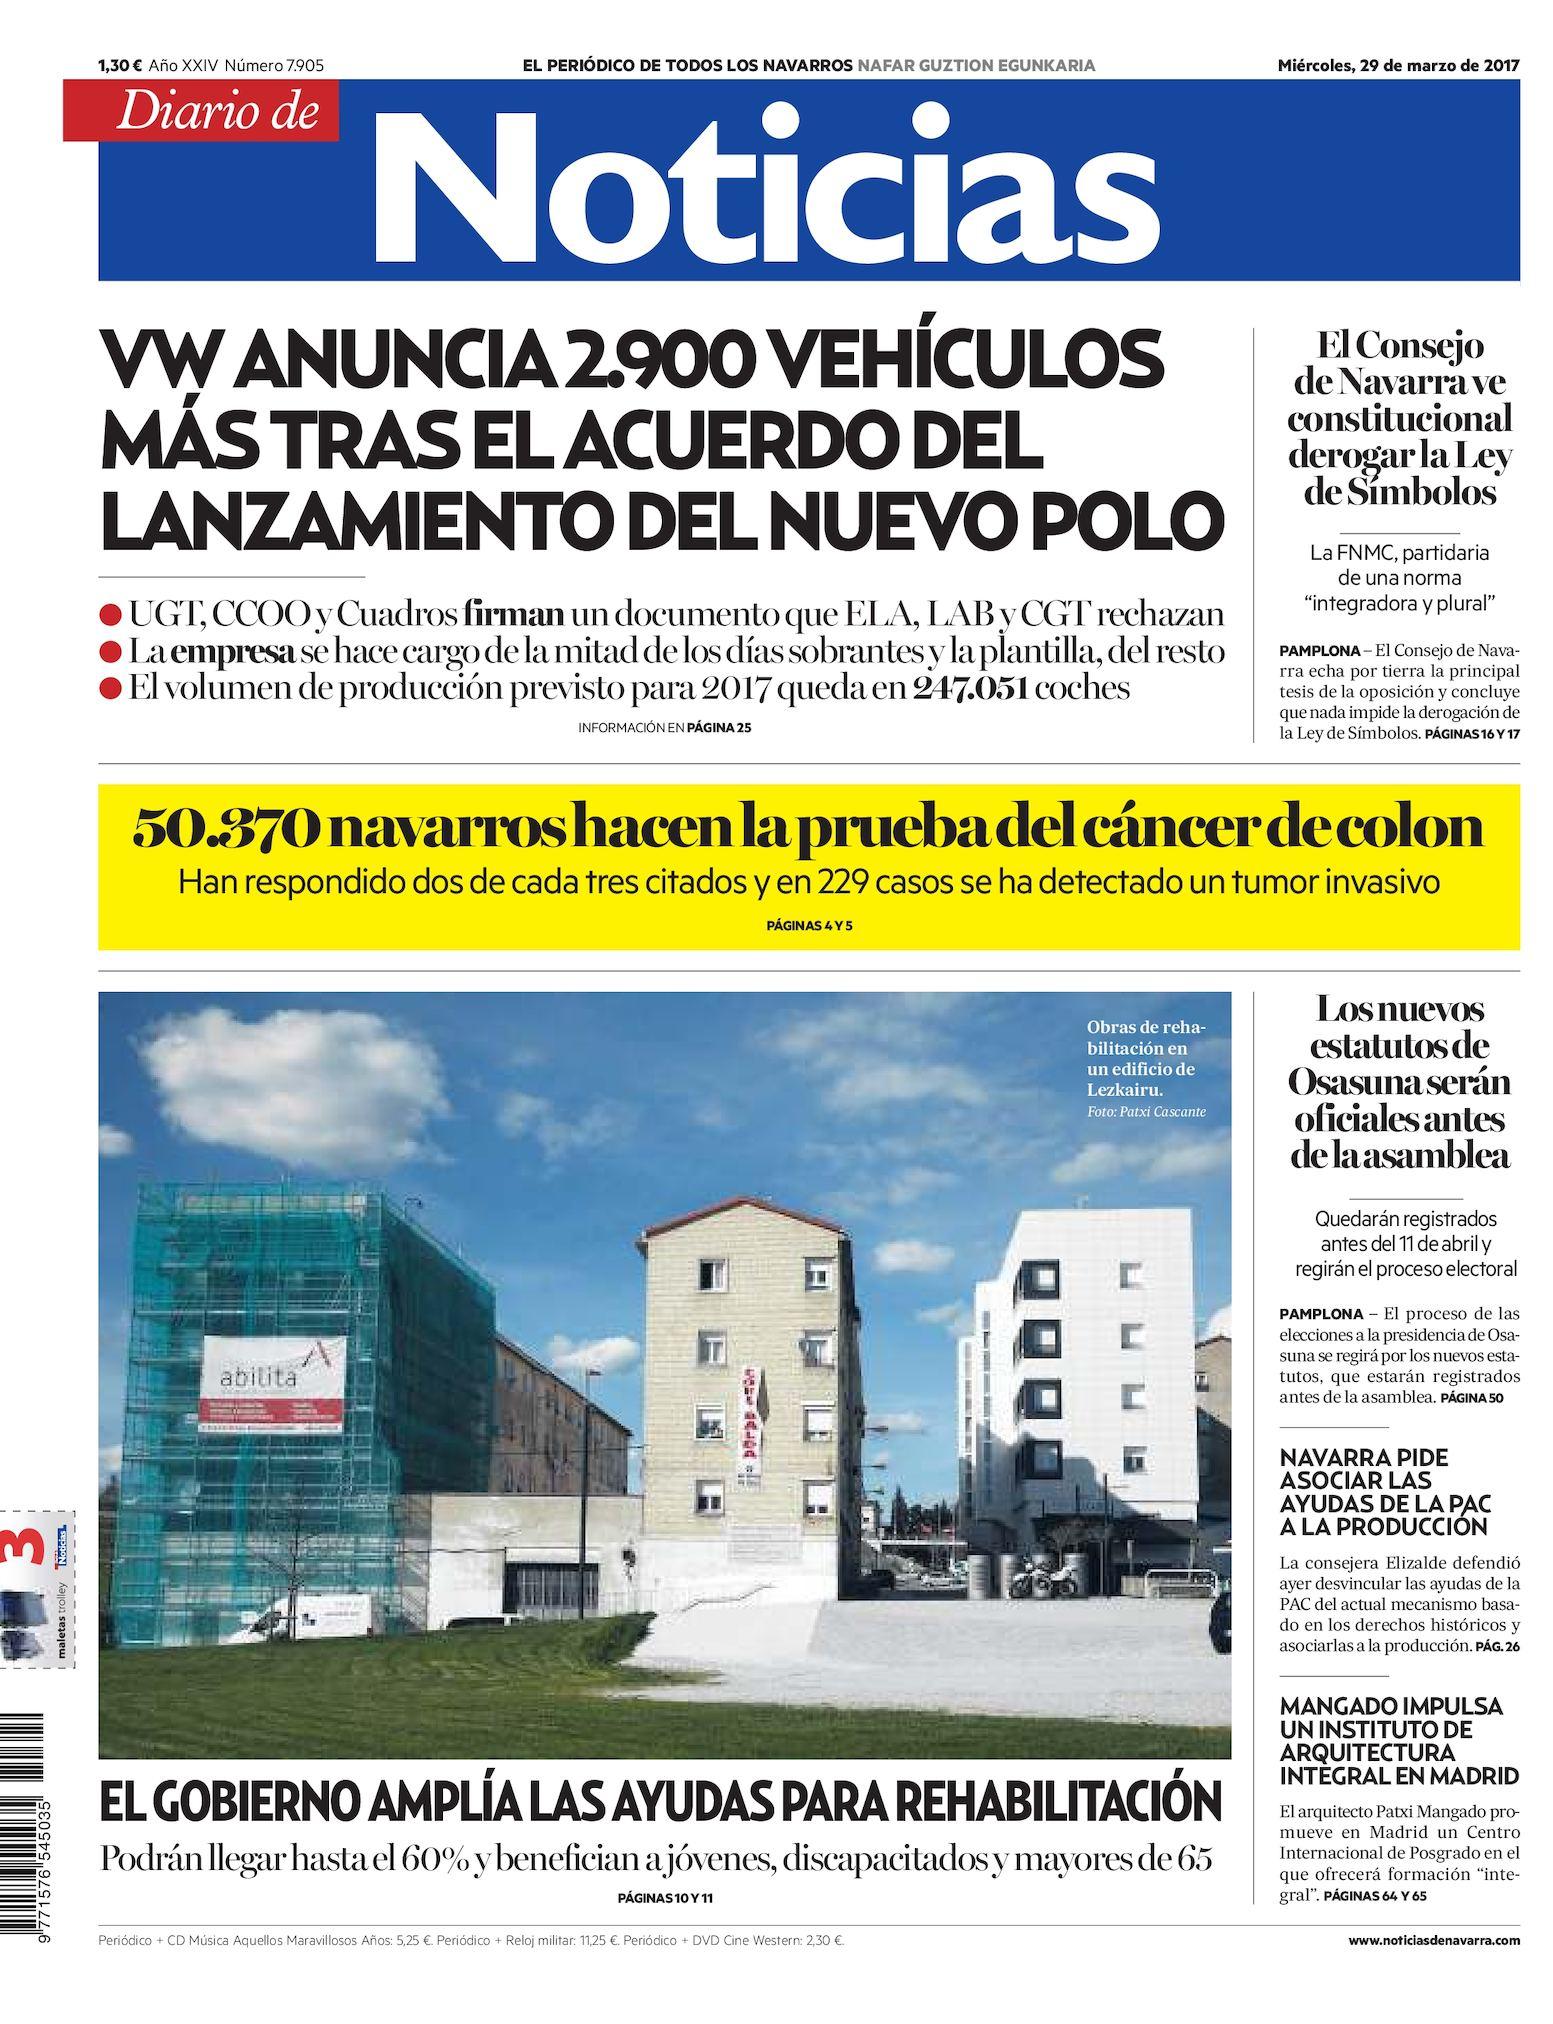 d9cb3220dbc Calaméo - Diario de Noticias 20170329